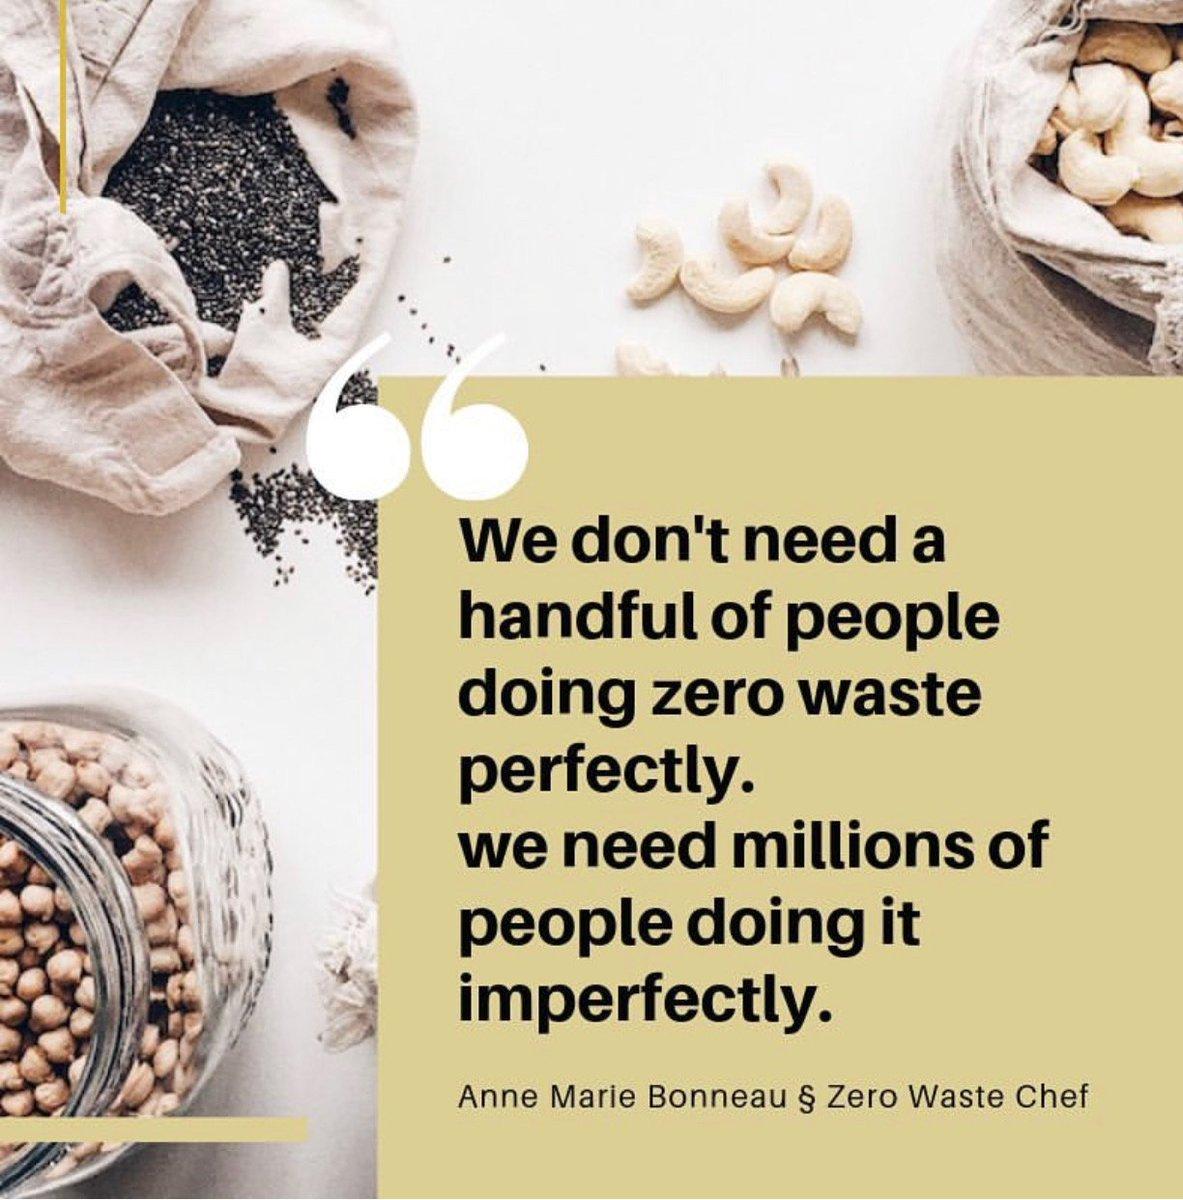 anne marie bonneau en we don t need a handful of people